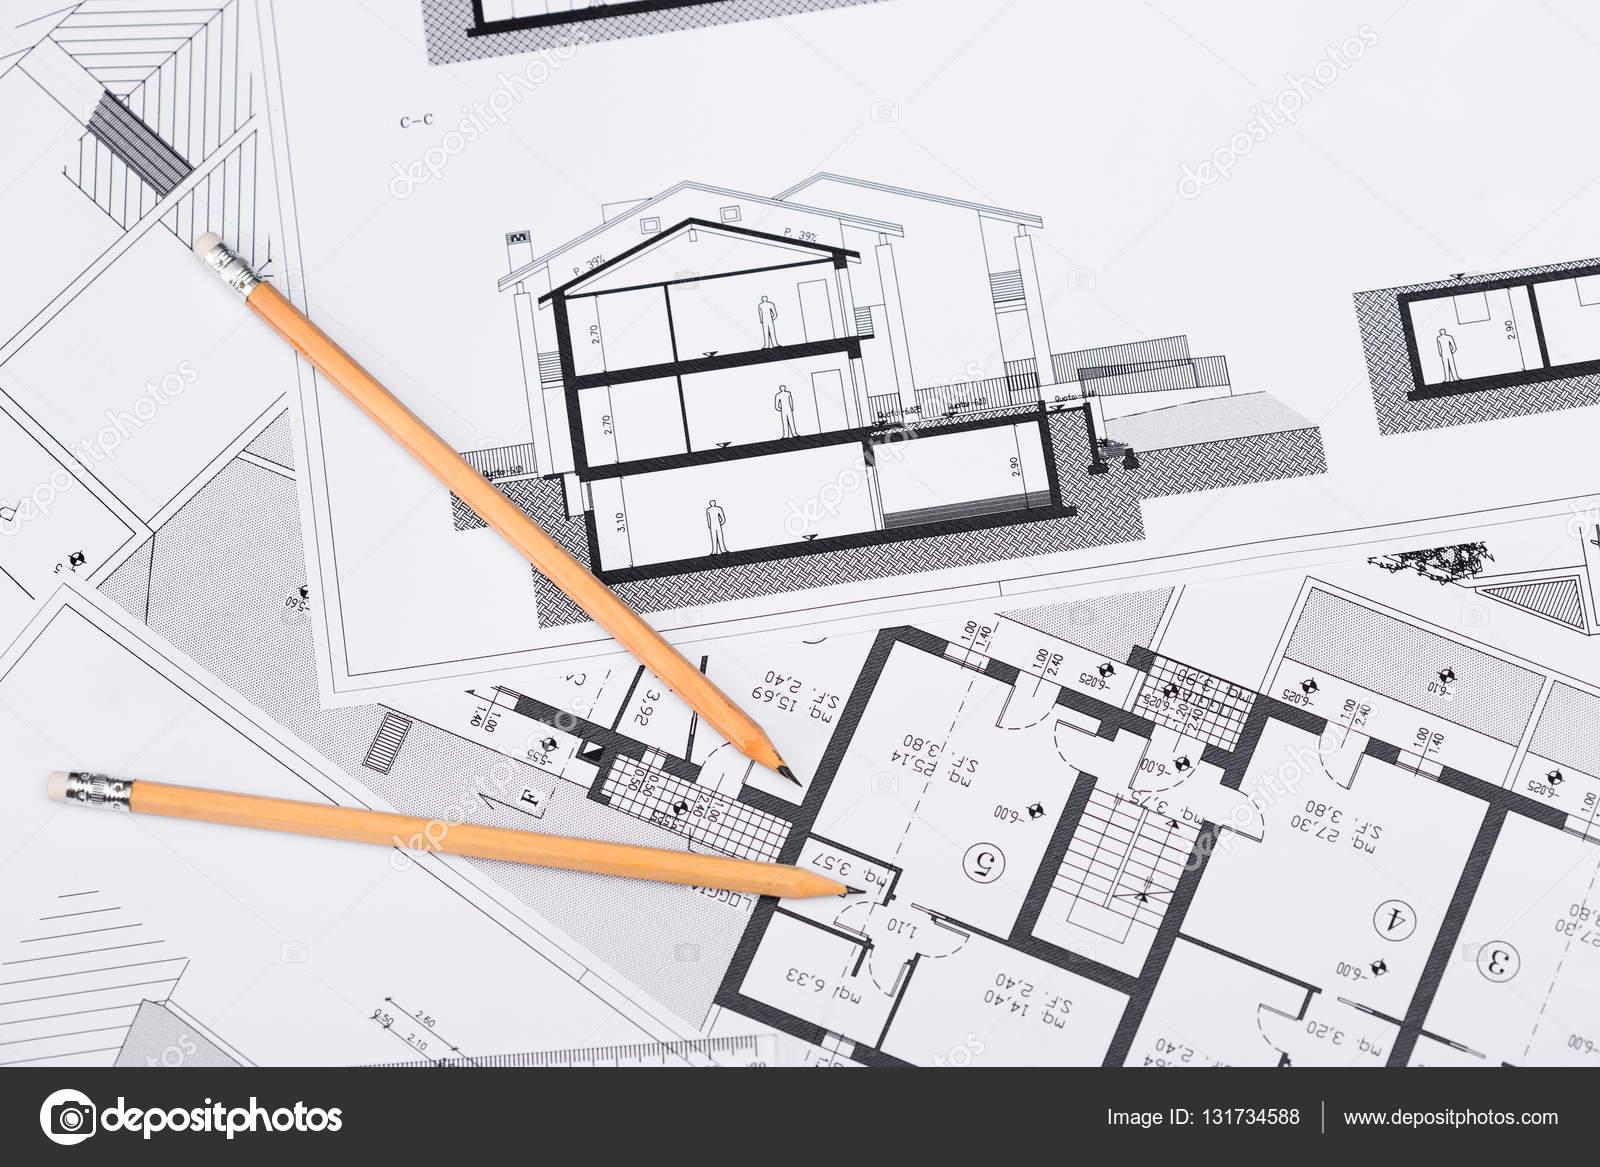 Planos de construcci n con herramientas de dibujo de for Planos de construccion